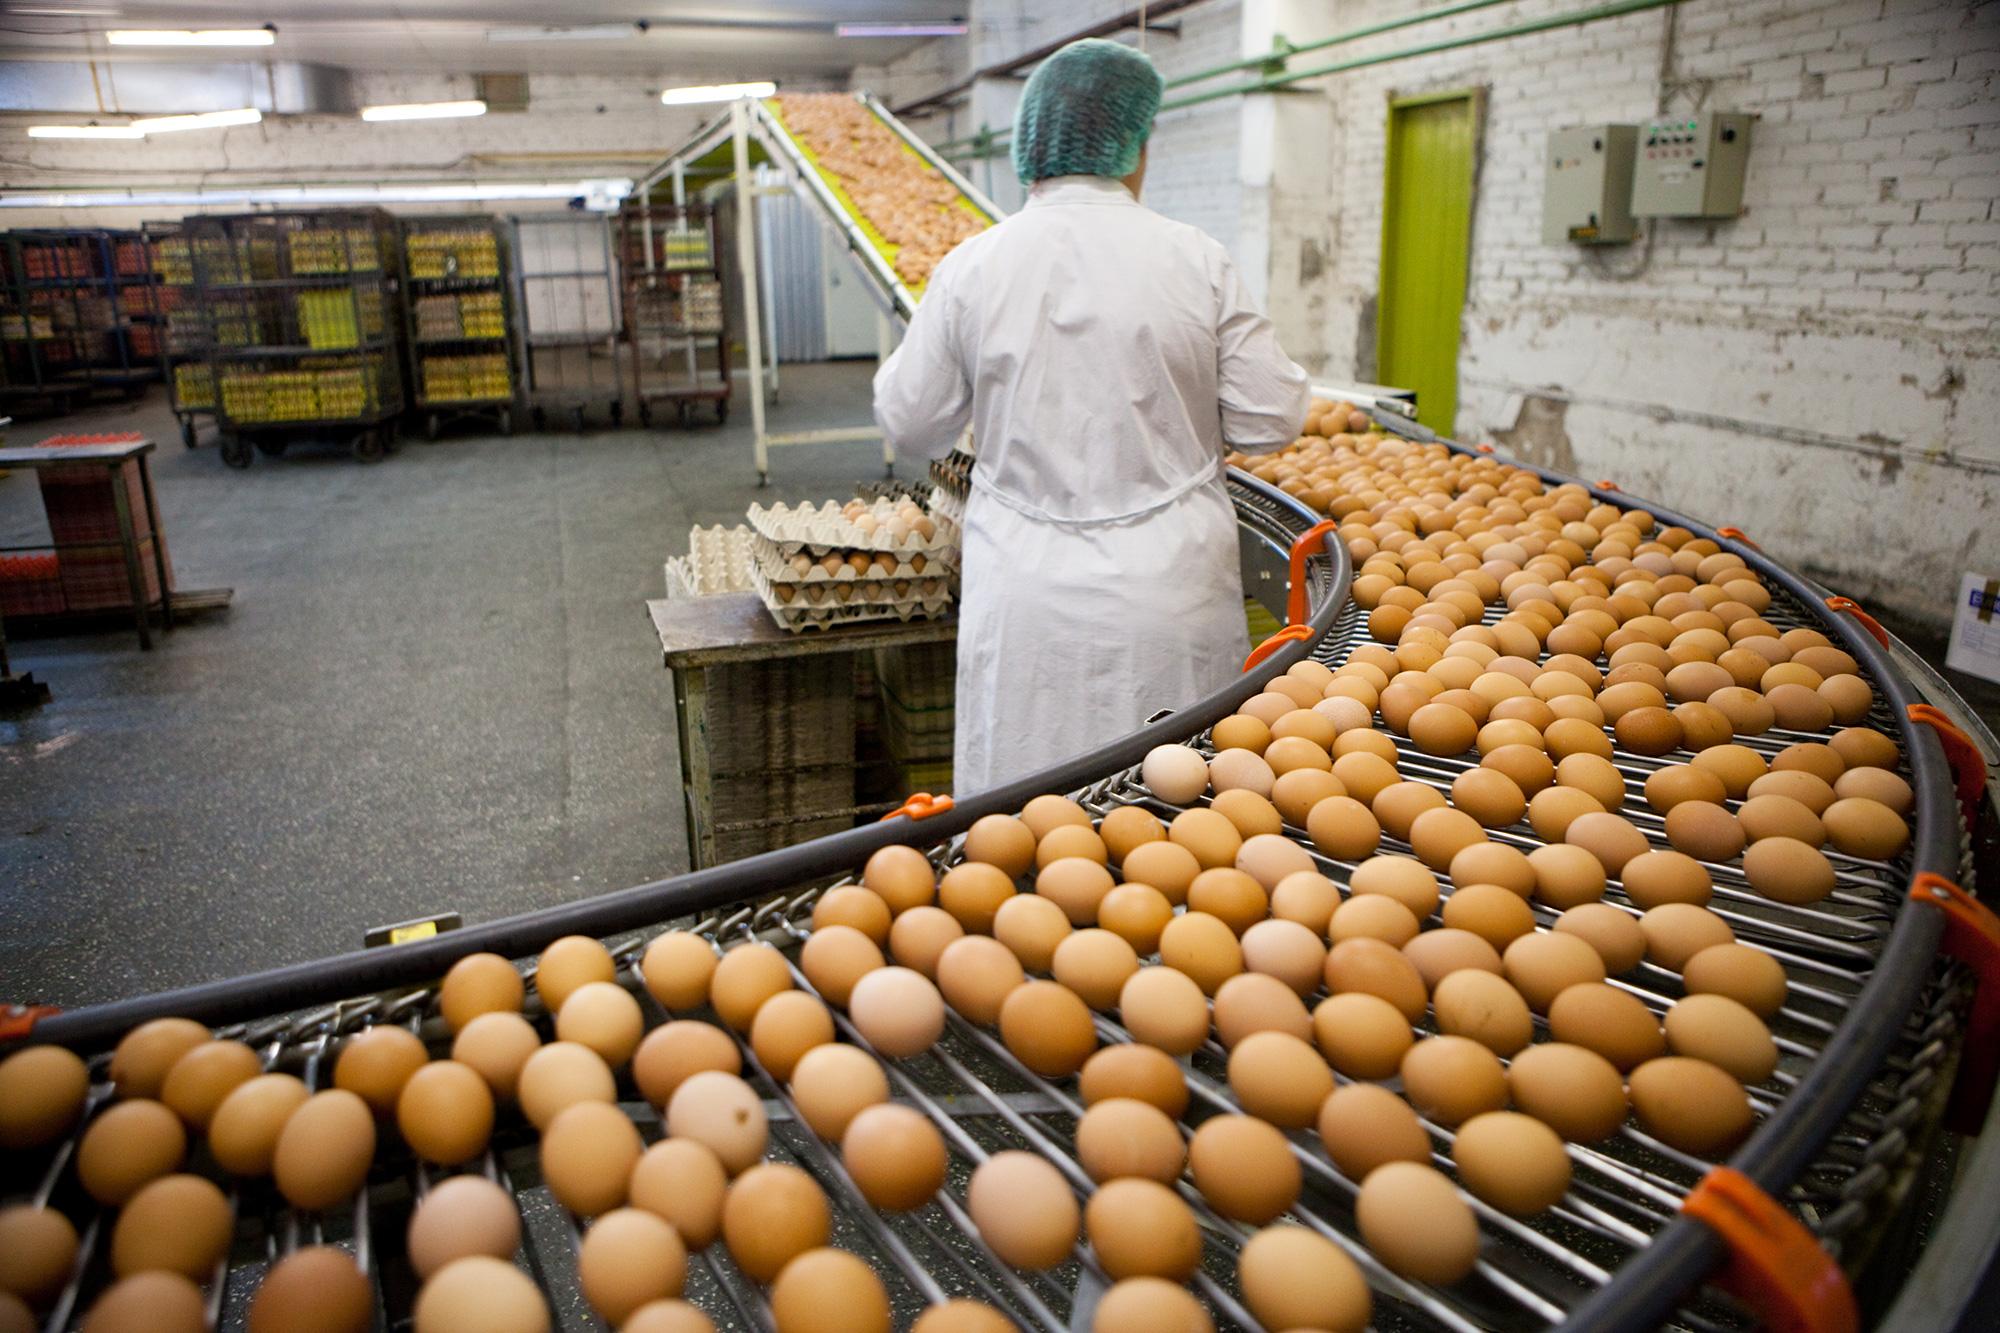 Em 11 anos, produção de ovos no Brasil cresceu 68%